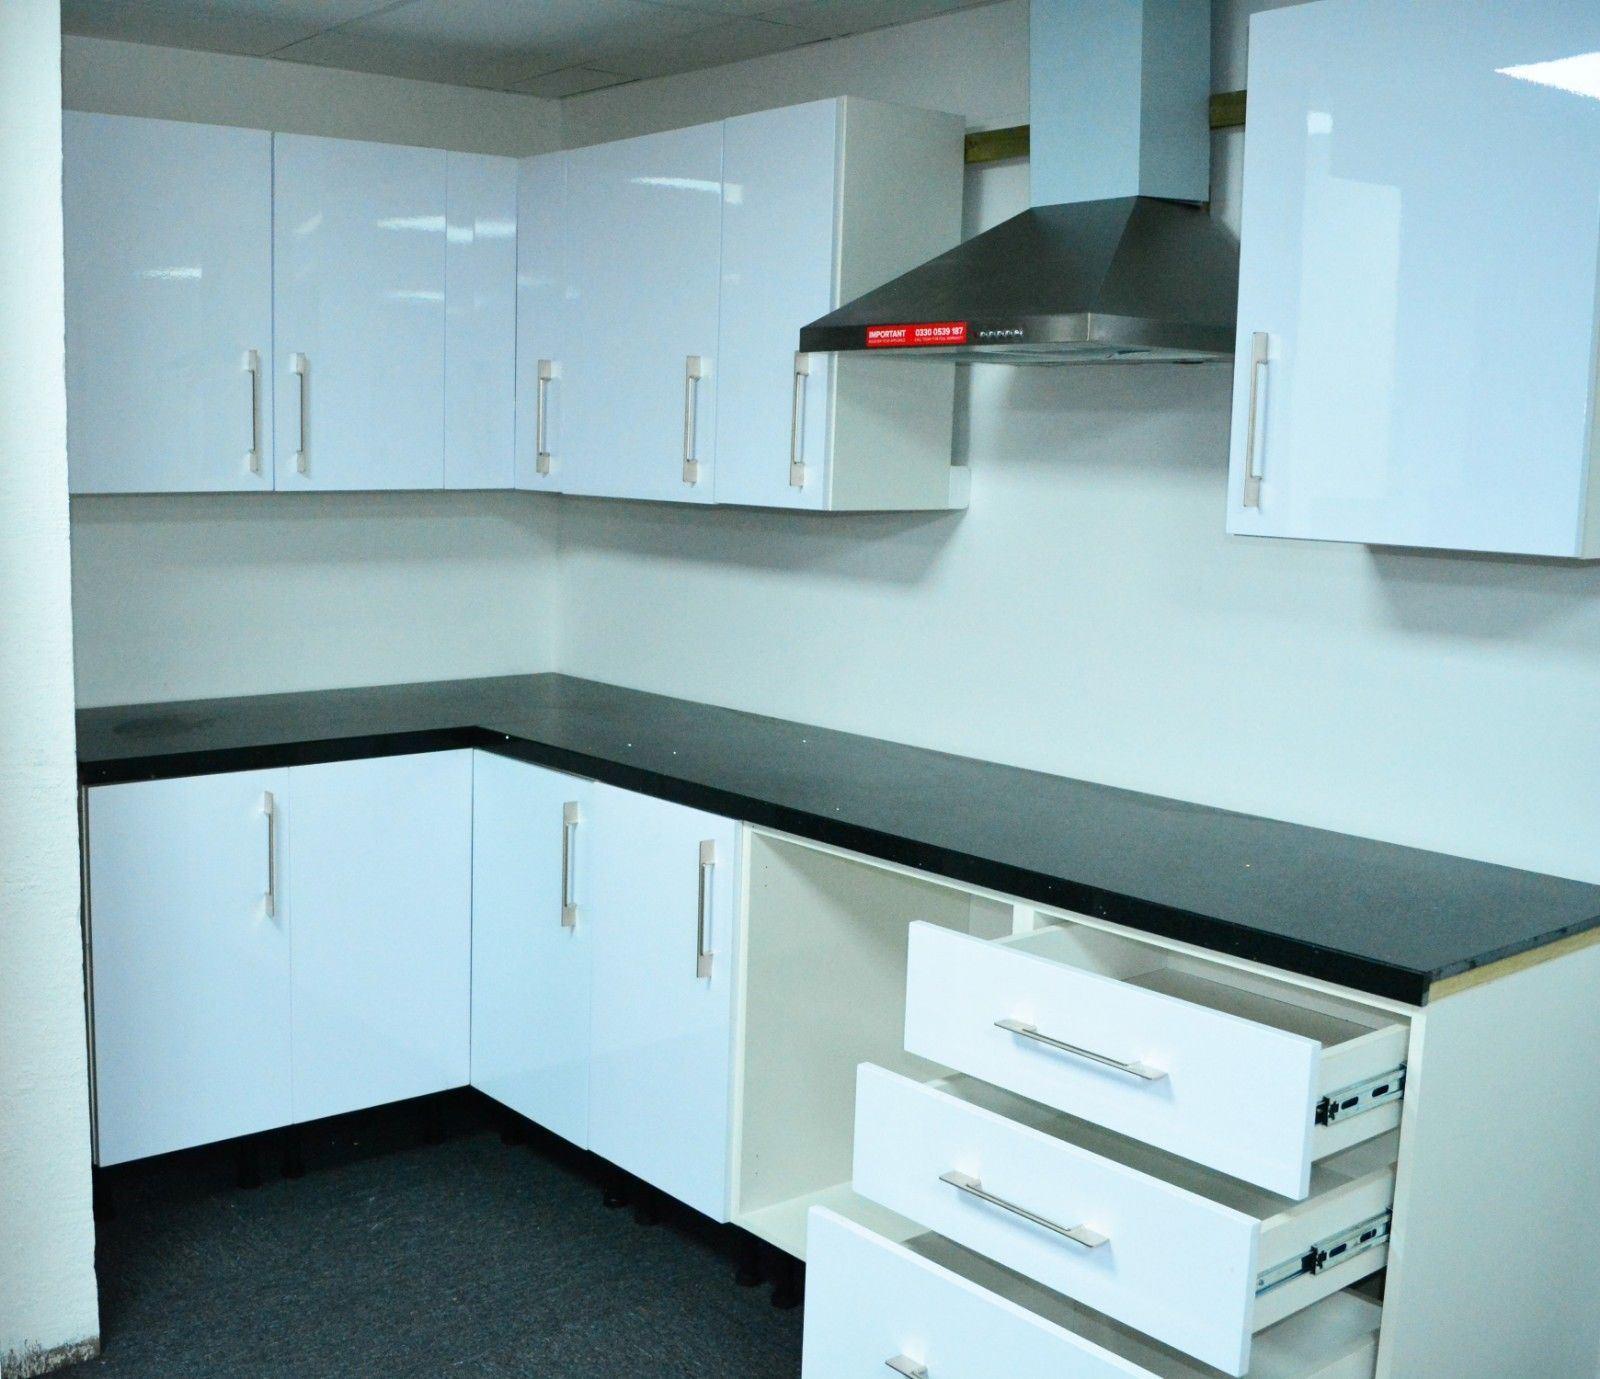 White Gloss Kitchen Cabinets Ebay: WHITE HIGH GLOSS KITCHEN WALL BASE UNITS CARCASS CABINET